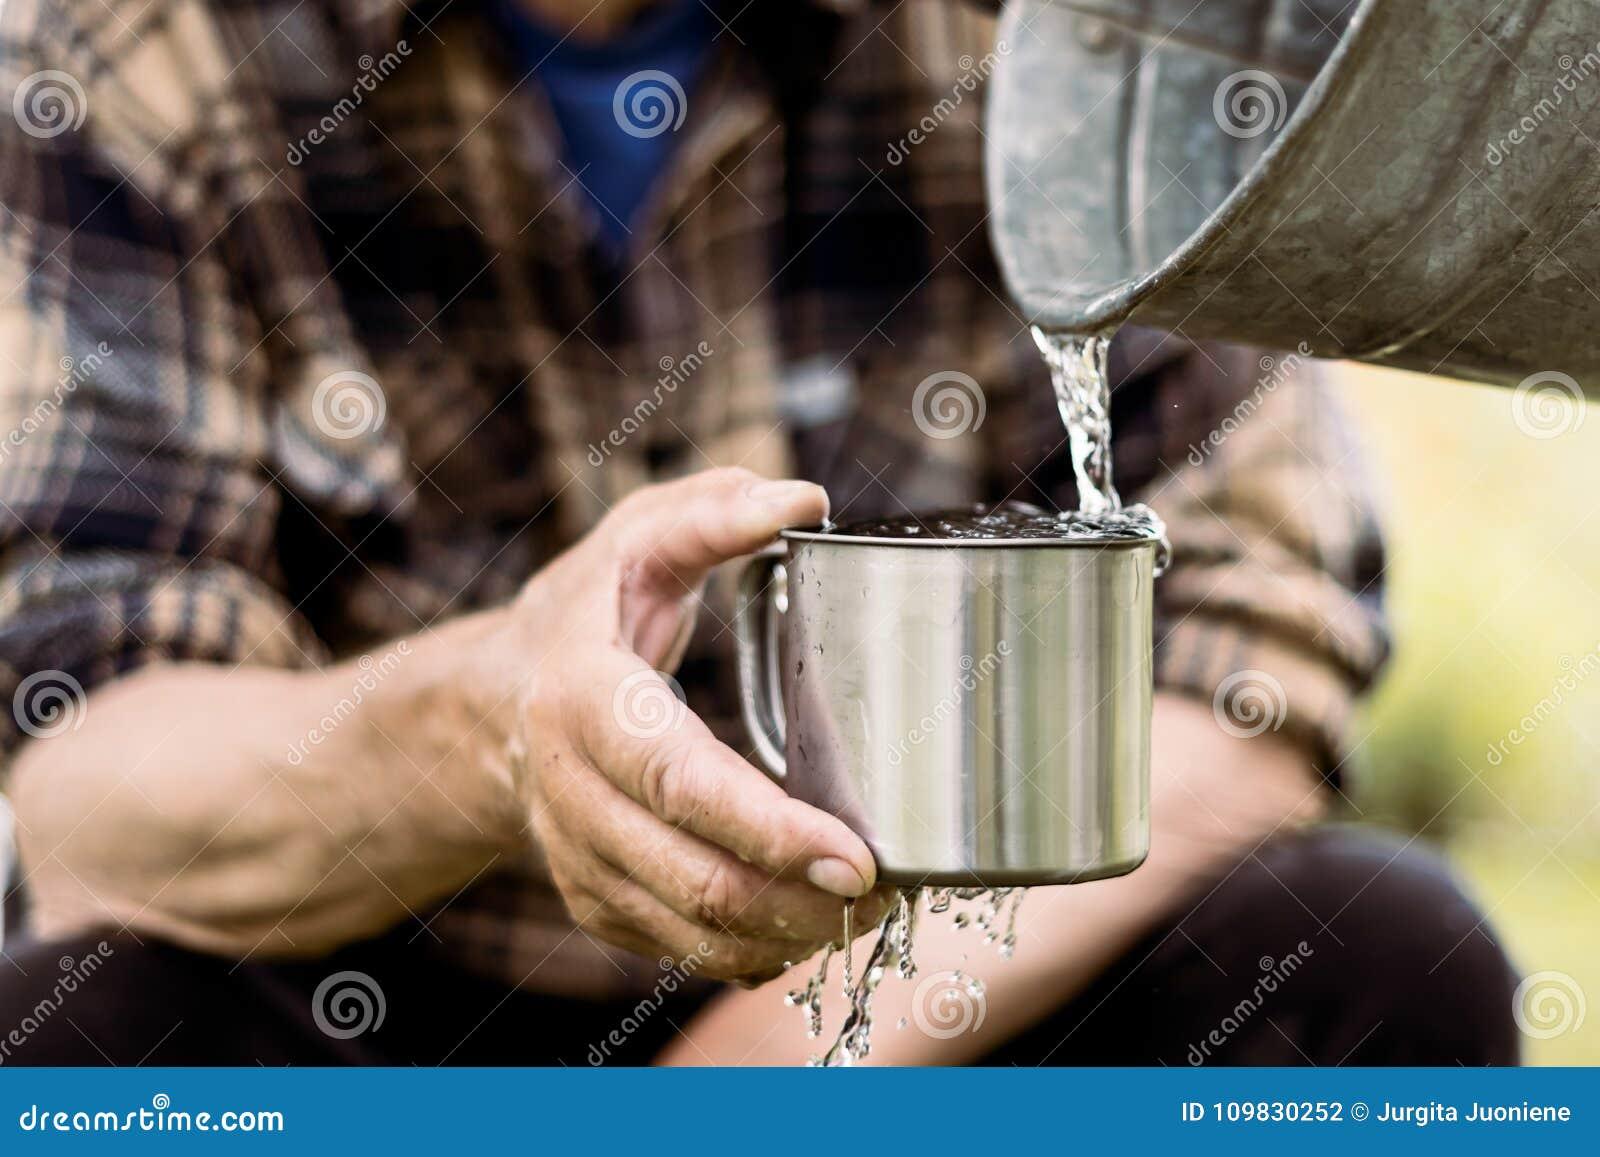 De mens houdt een staalmok en een bronwater giet van een emmer